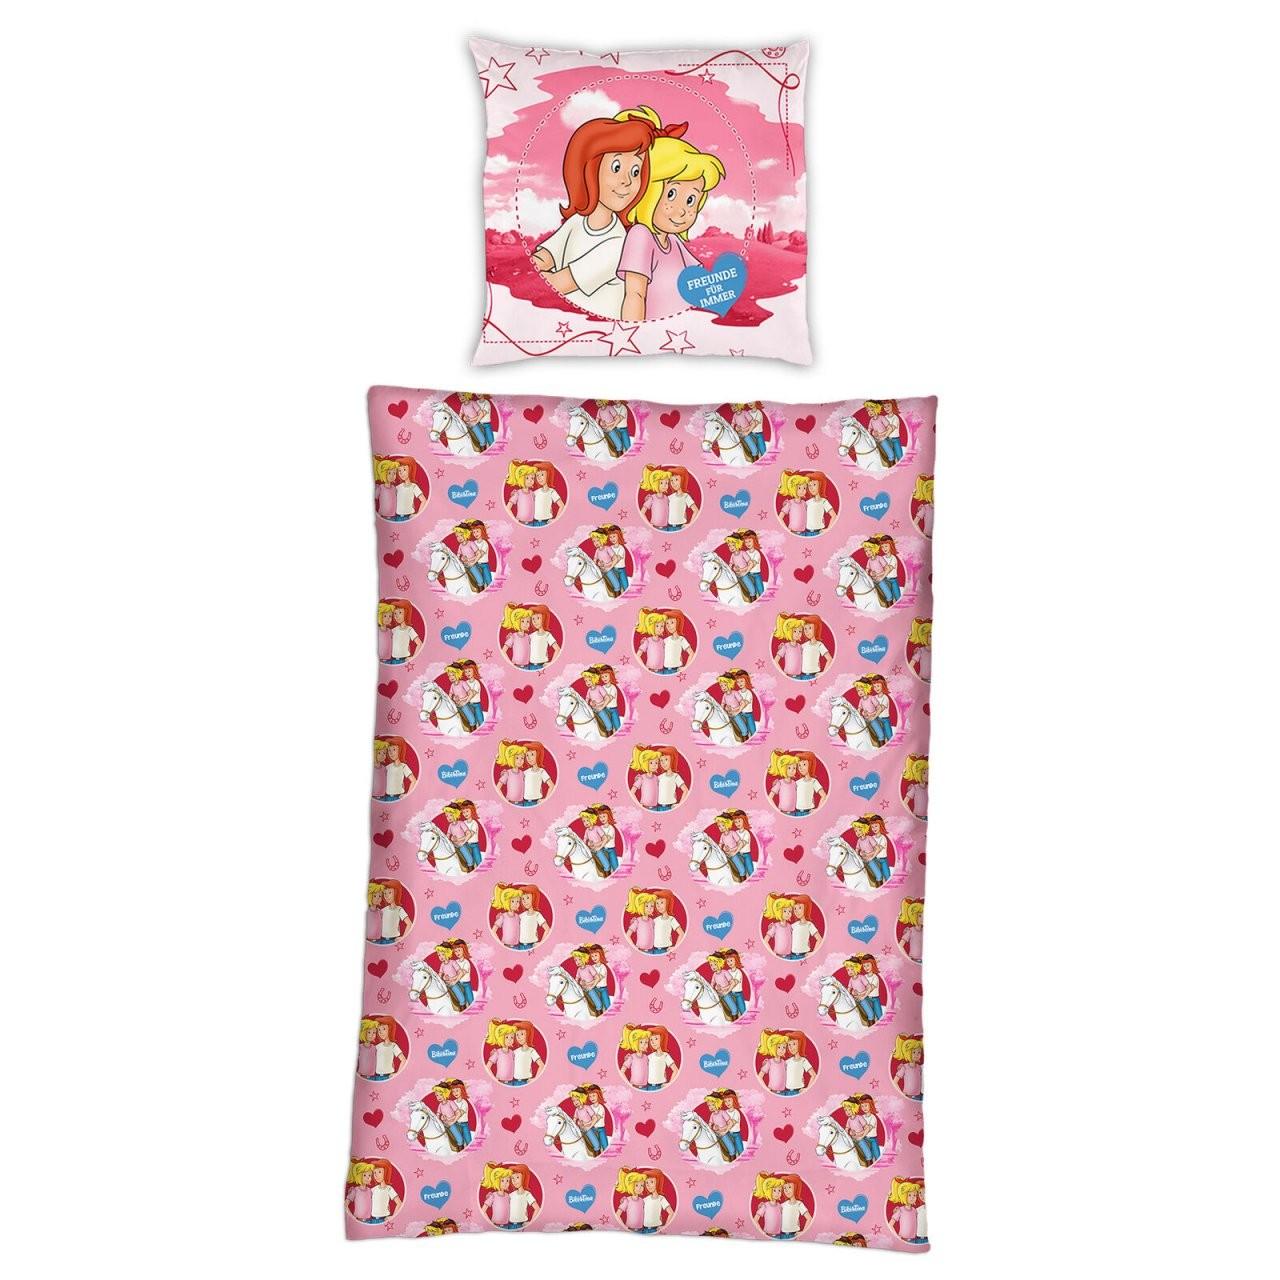 Bibi Und Tina Biber Kinderbettwäsche 135X200 Cm Bettzeug Flanell von Bettwäsche Bibi Und Tina Bild